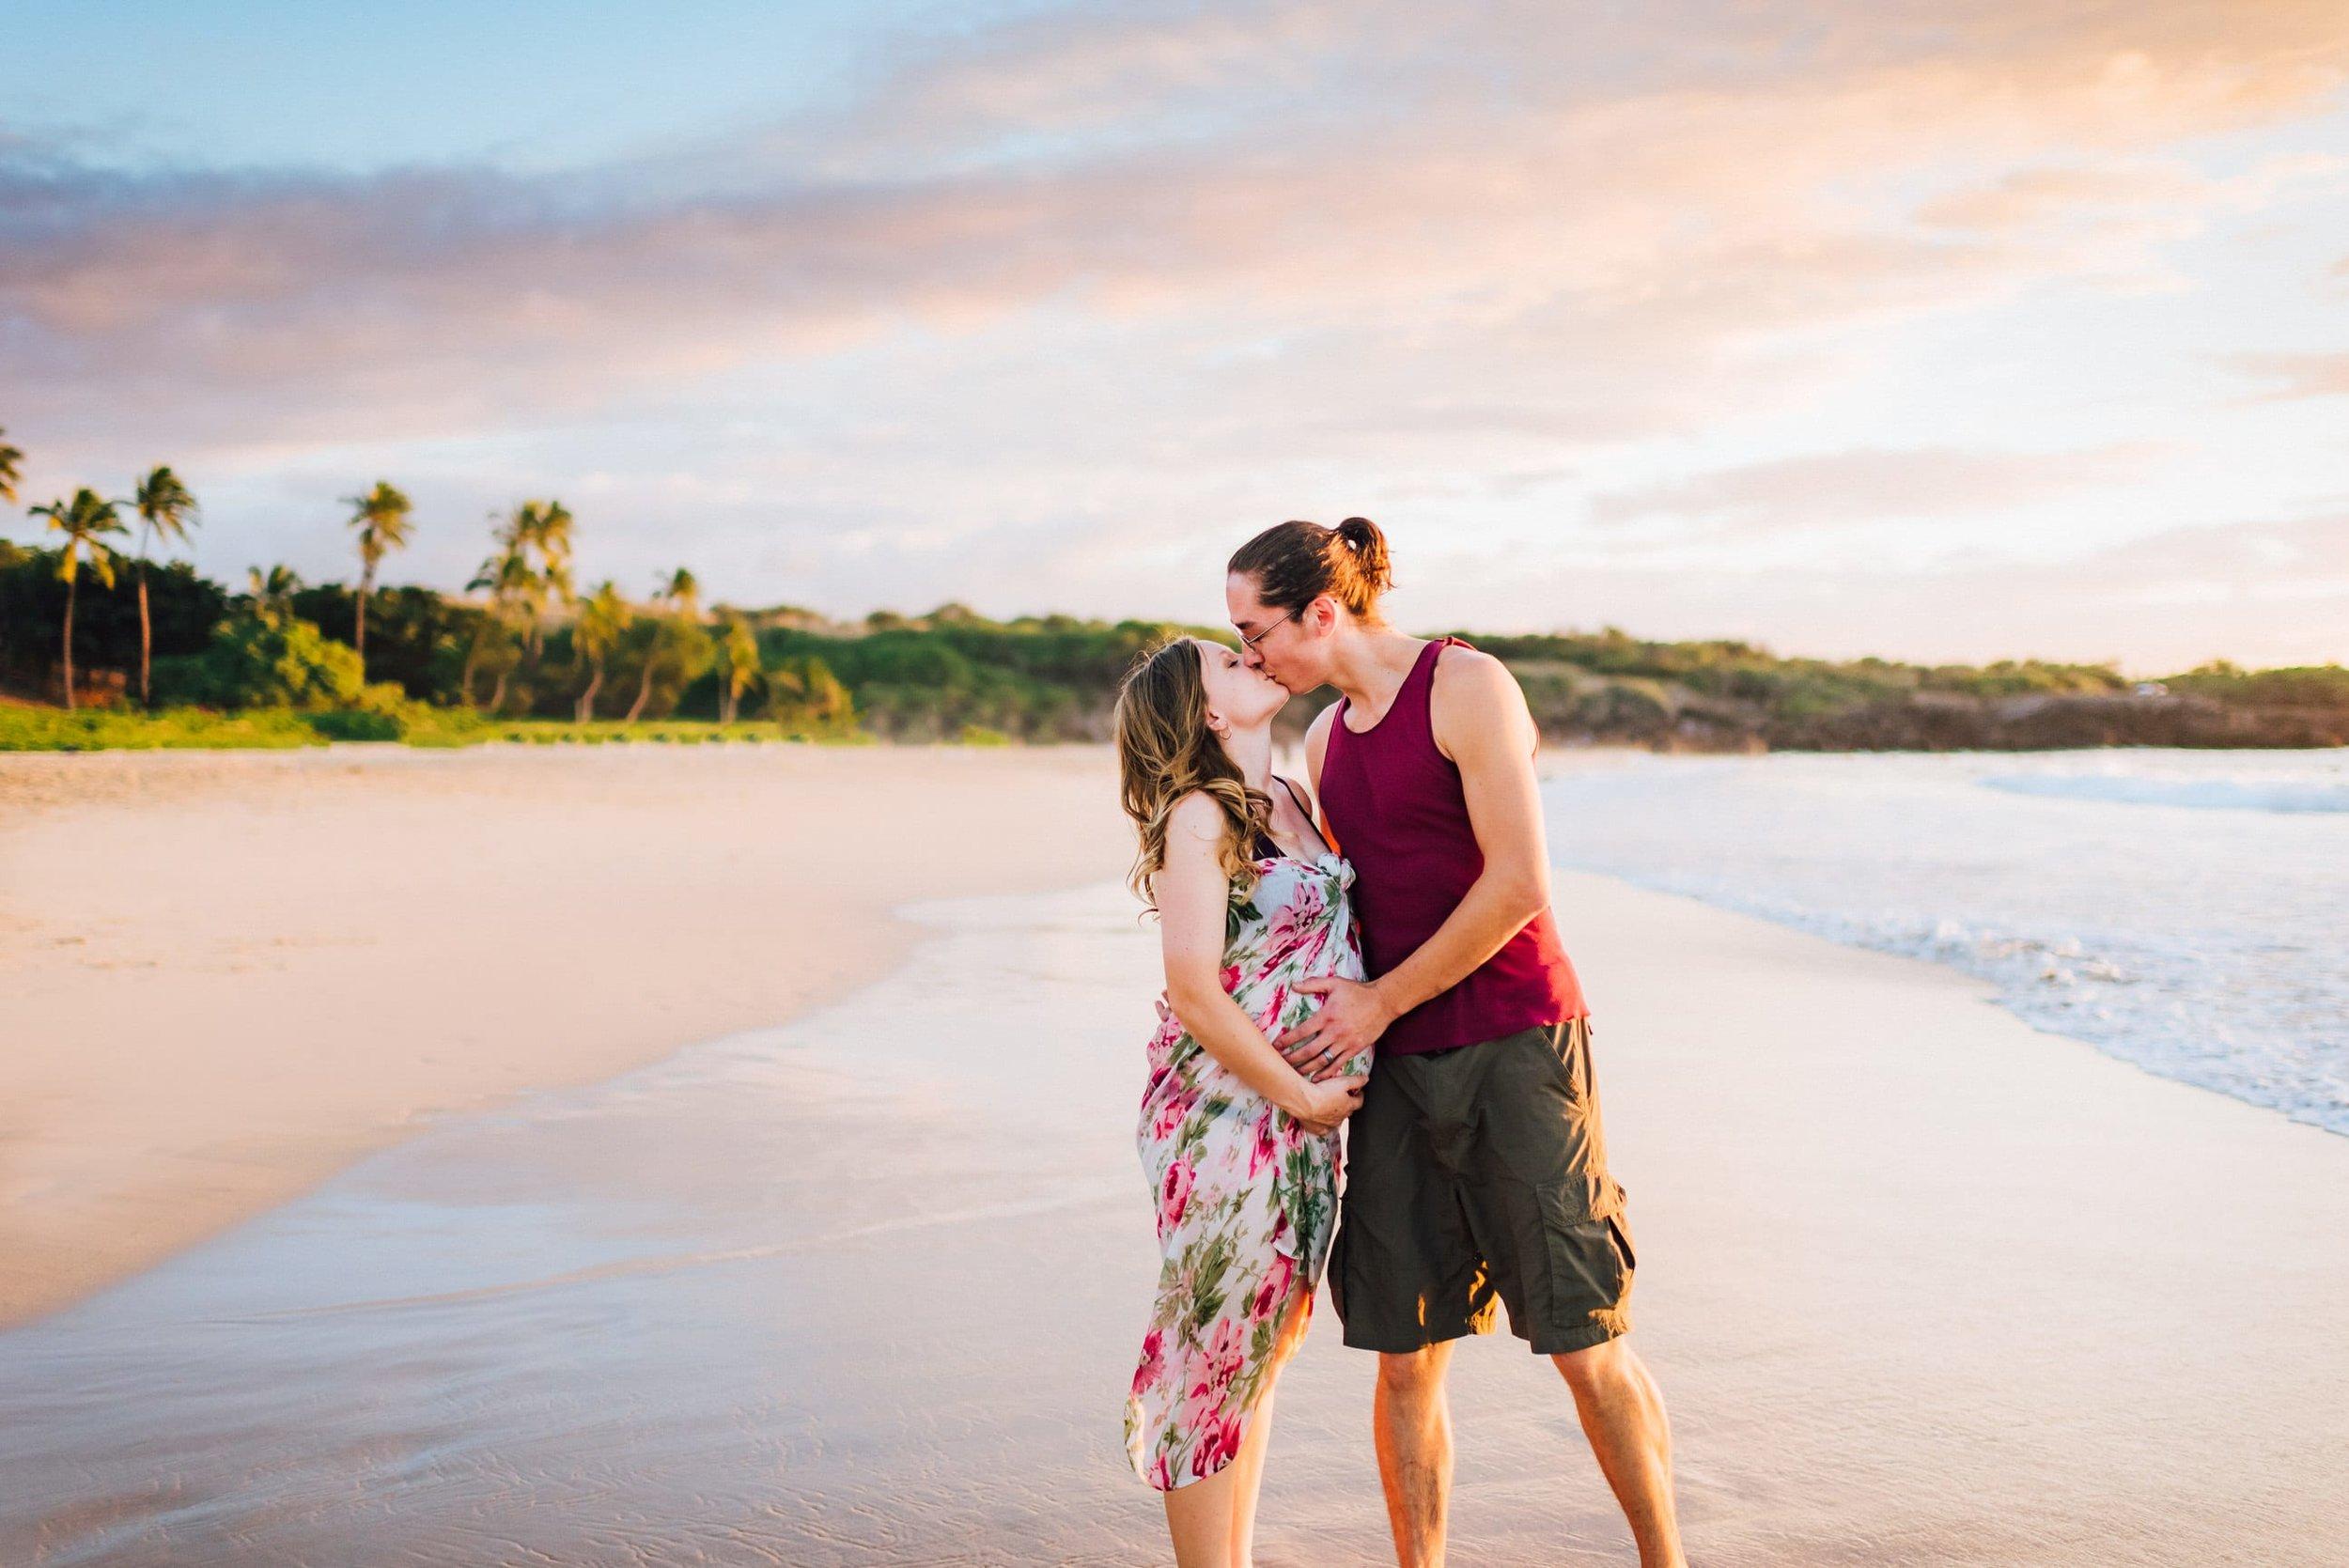 Big-Island-Photographer-Maternity-Babymoon-Hawaii-6.jpg